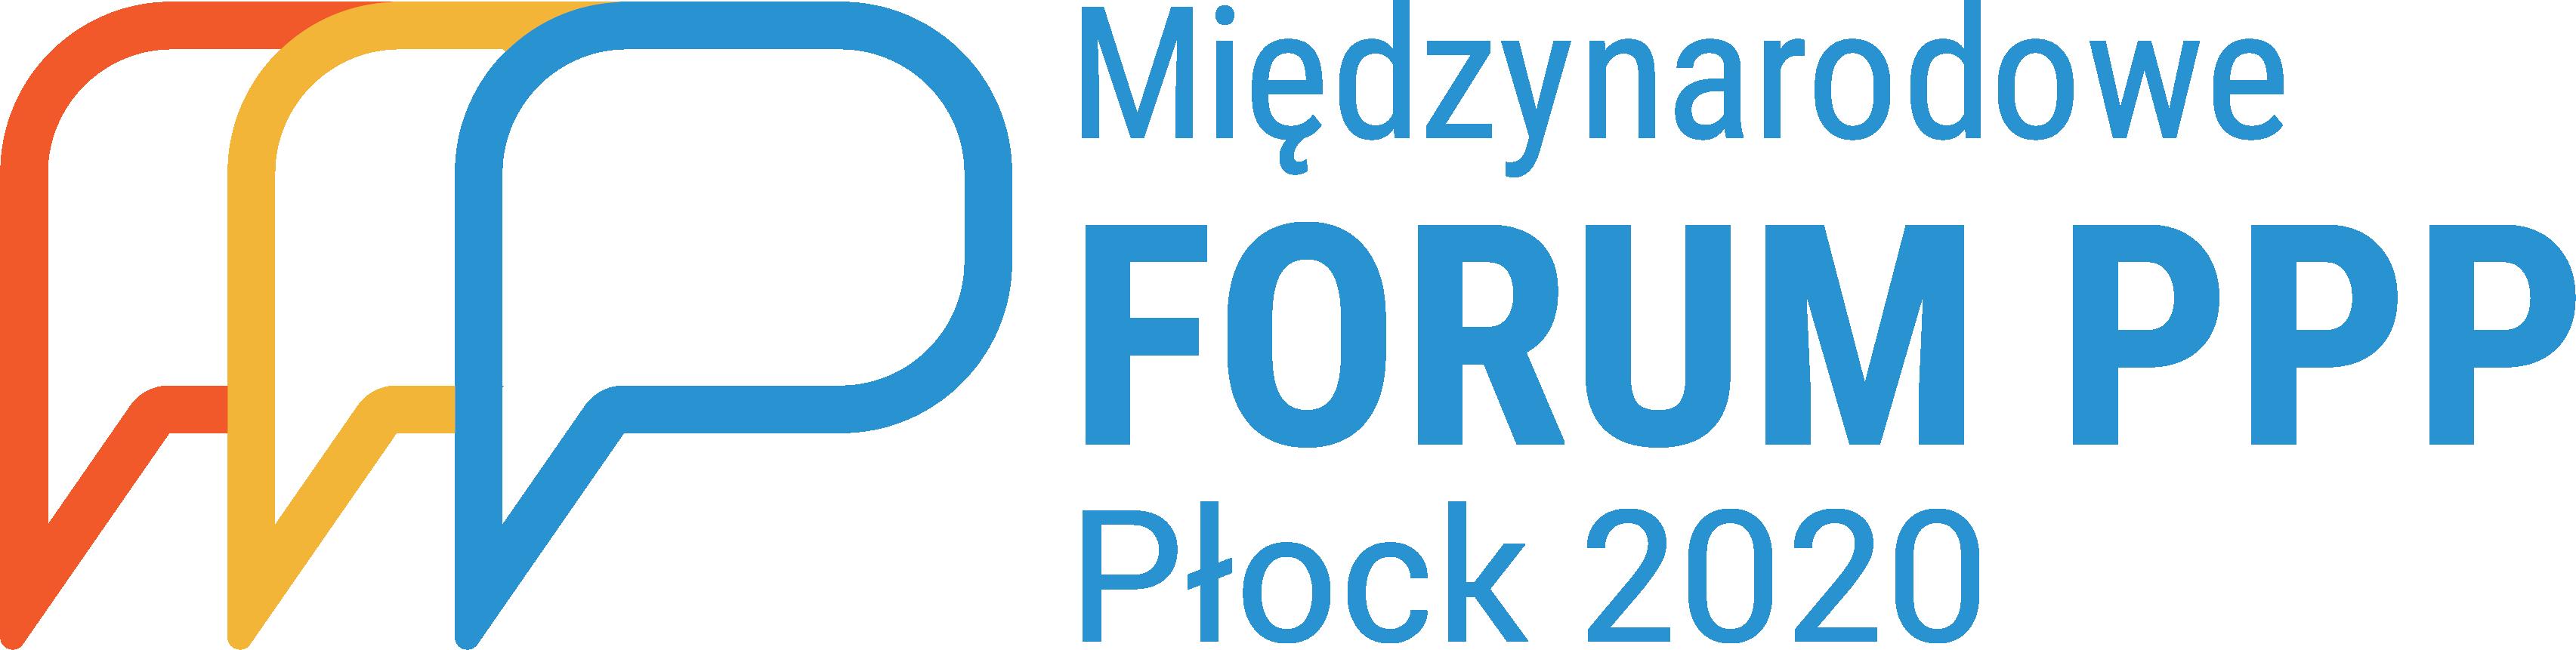 Międzynarodowe Forum PPP Płock 2020